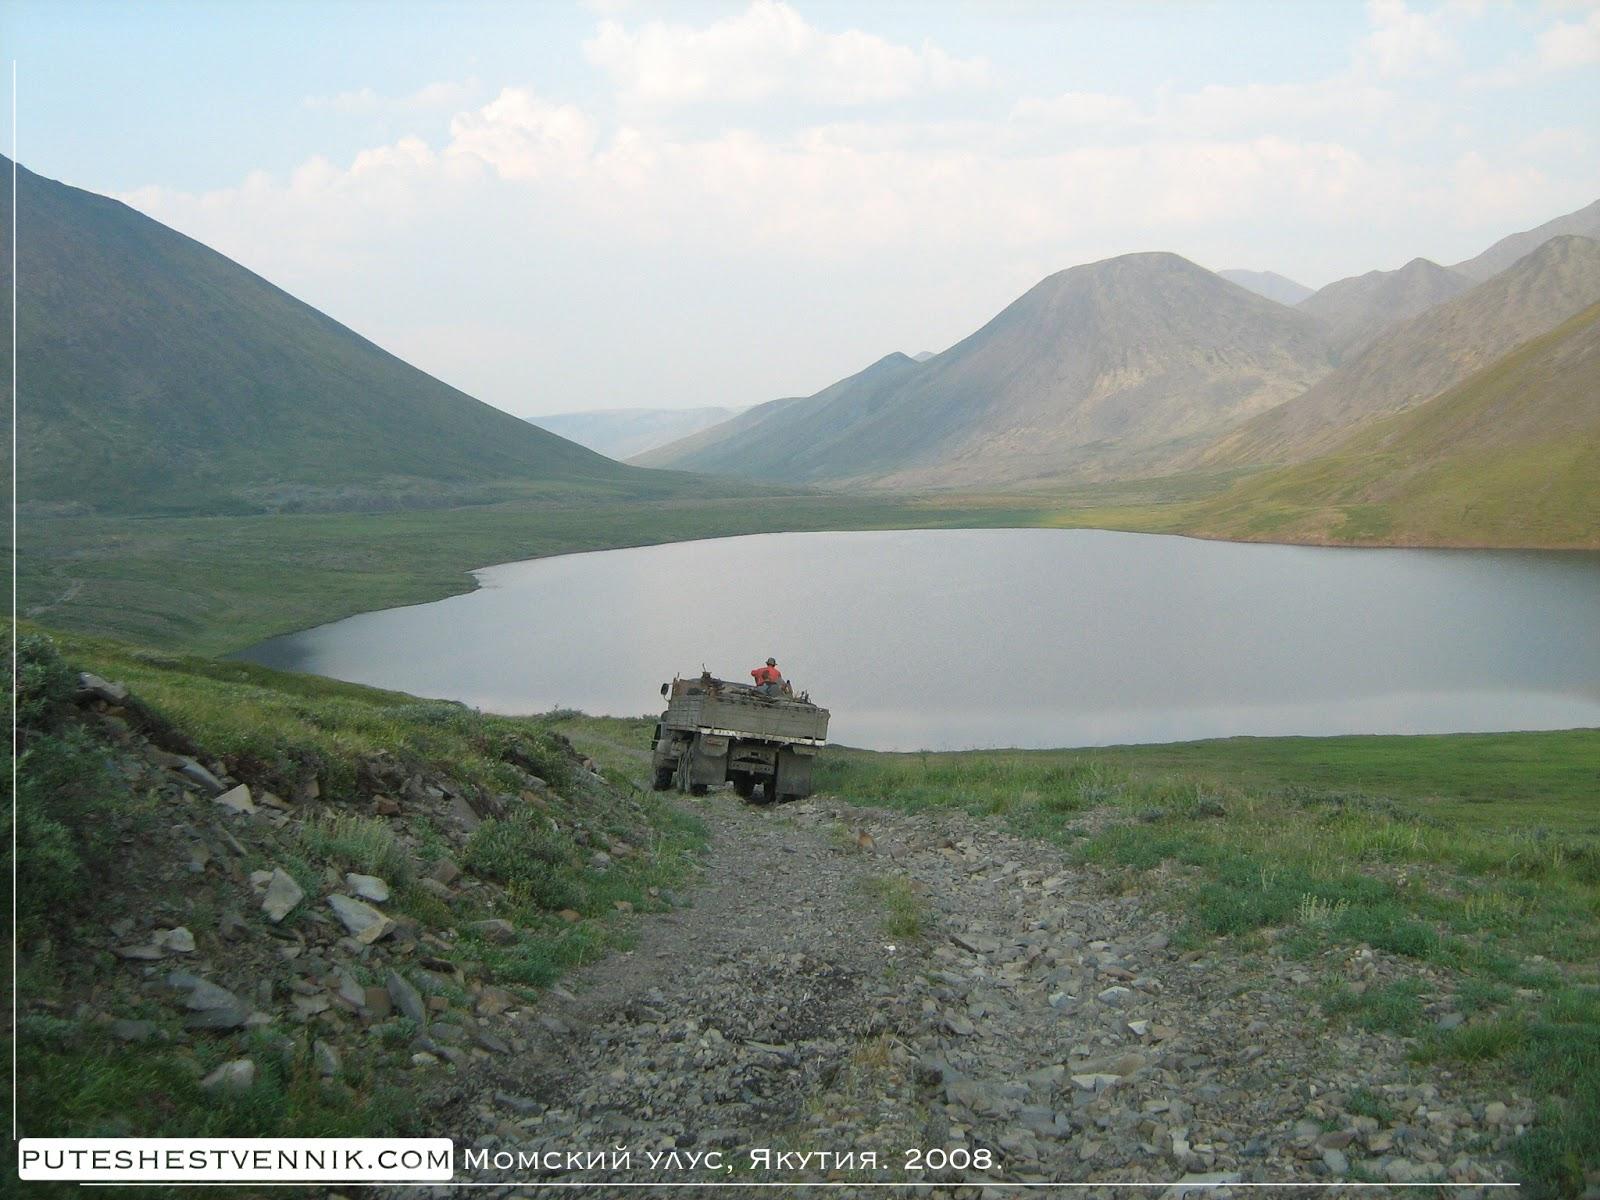 Грузовик на горной дороге в Якутии